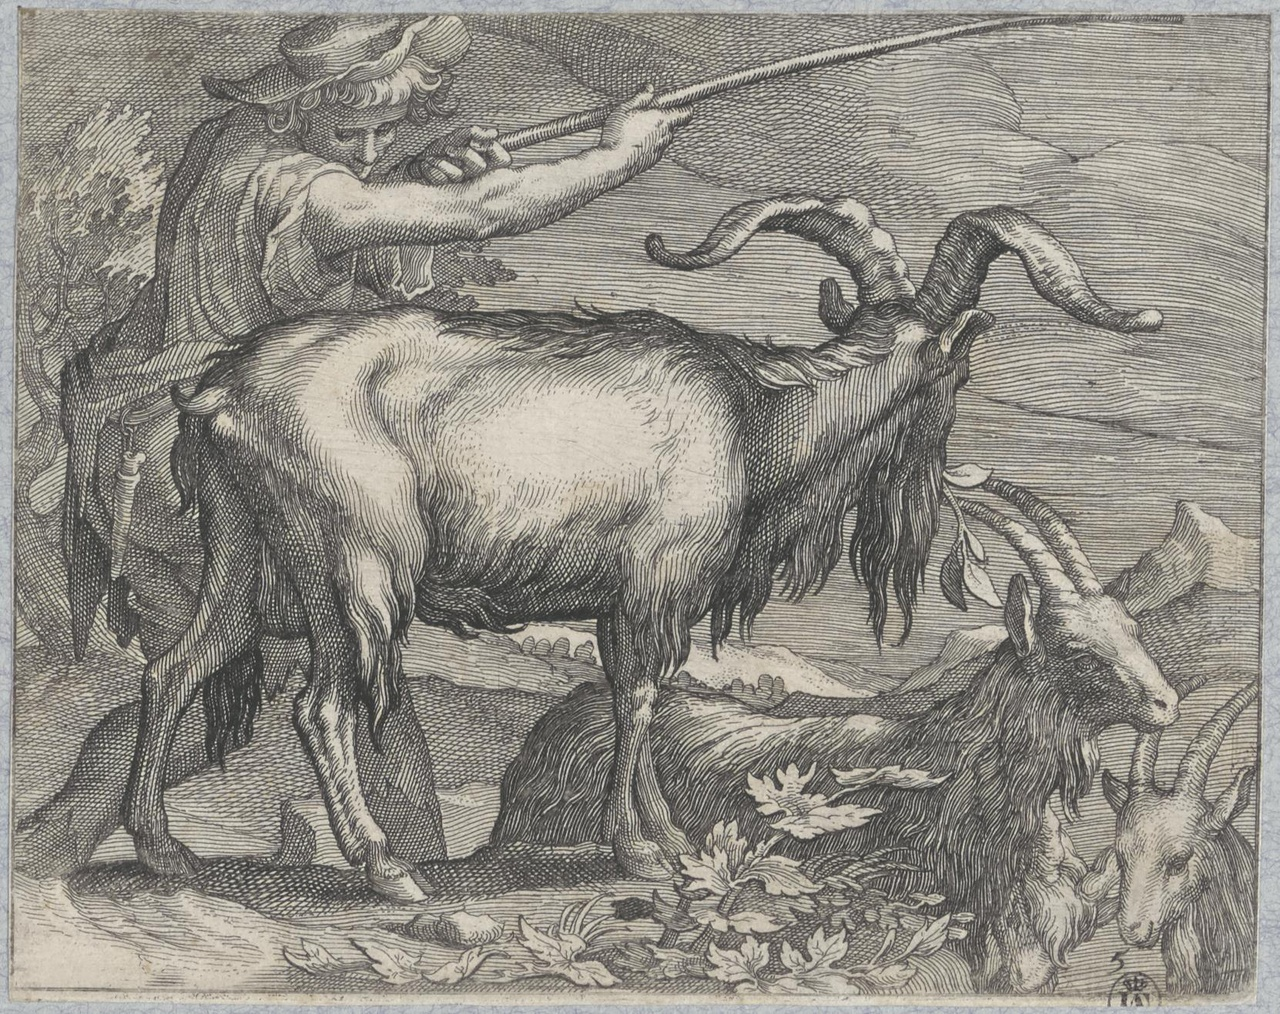 Herder, geiten opdrijvend met een stok